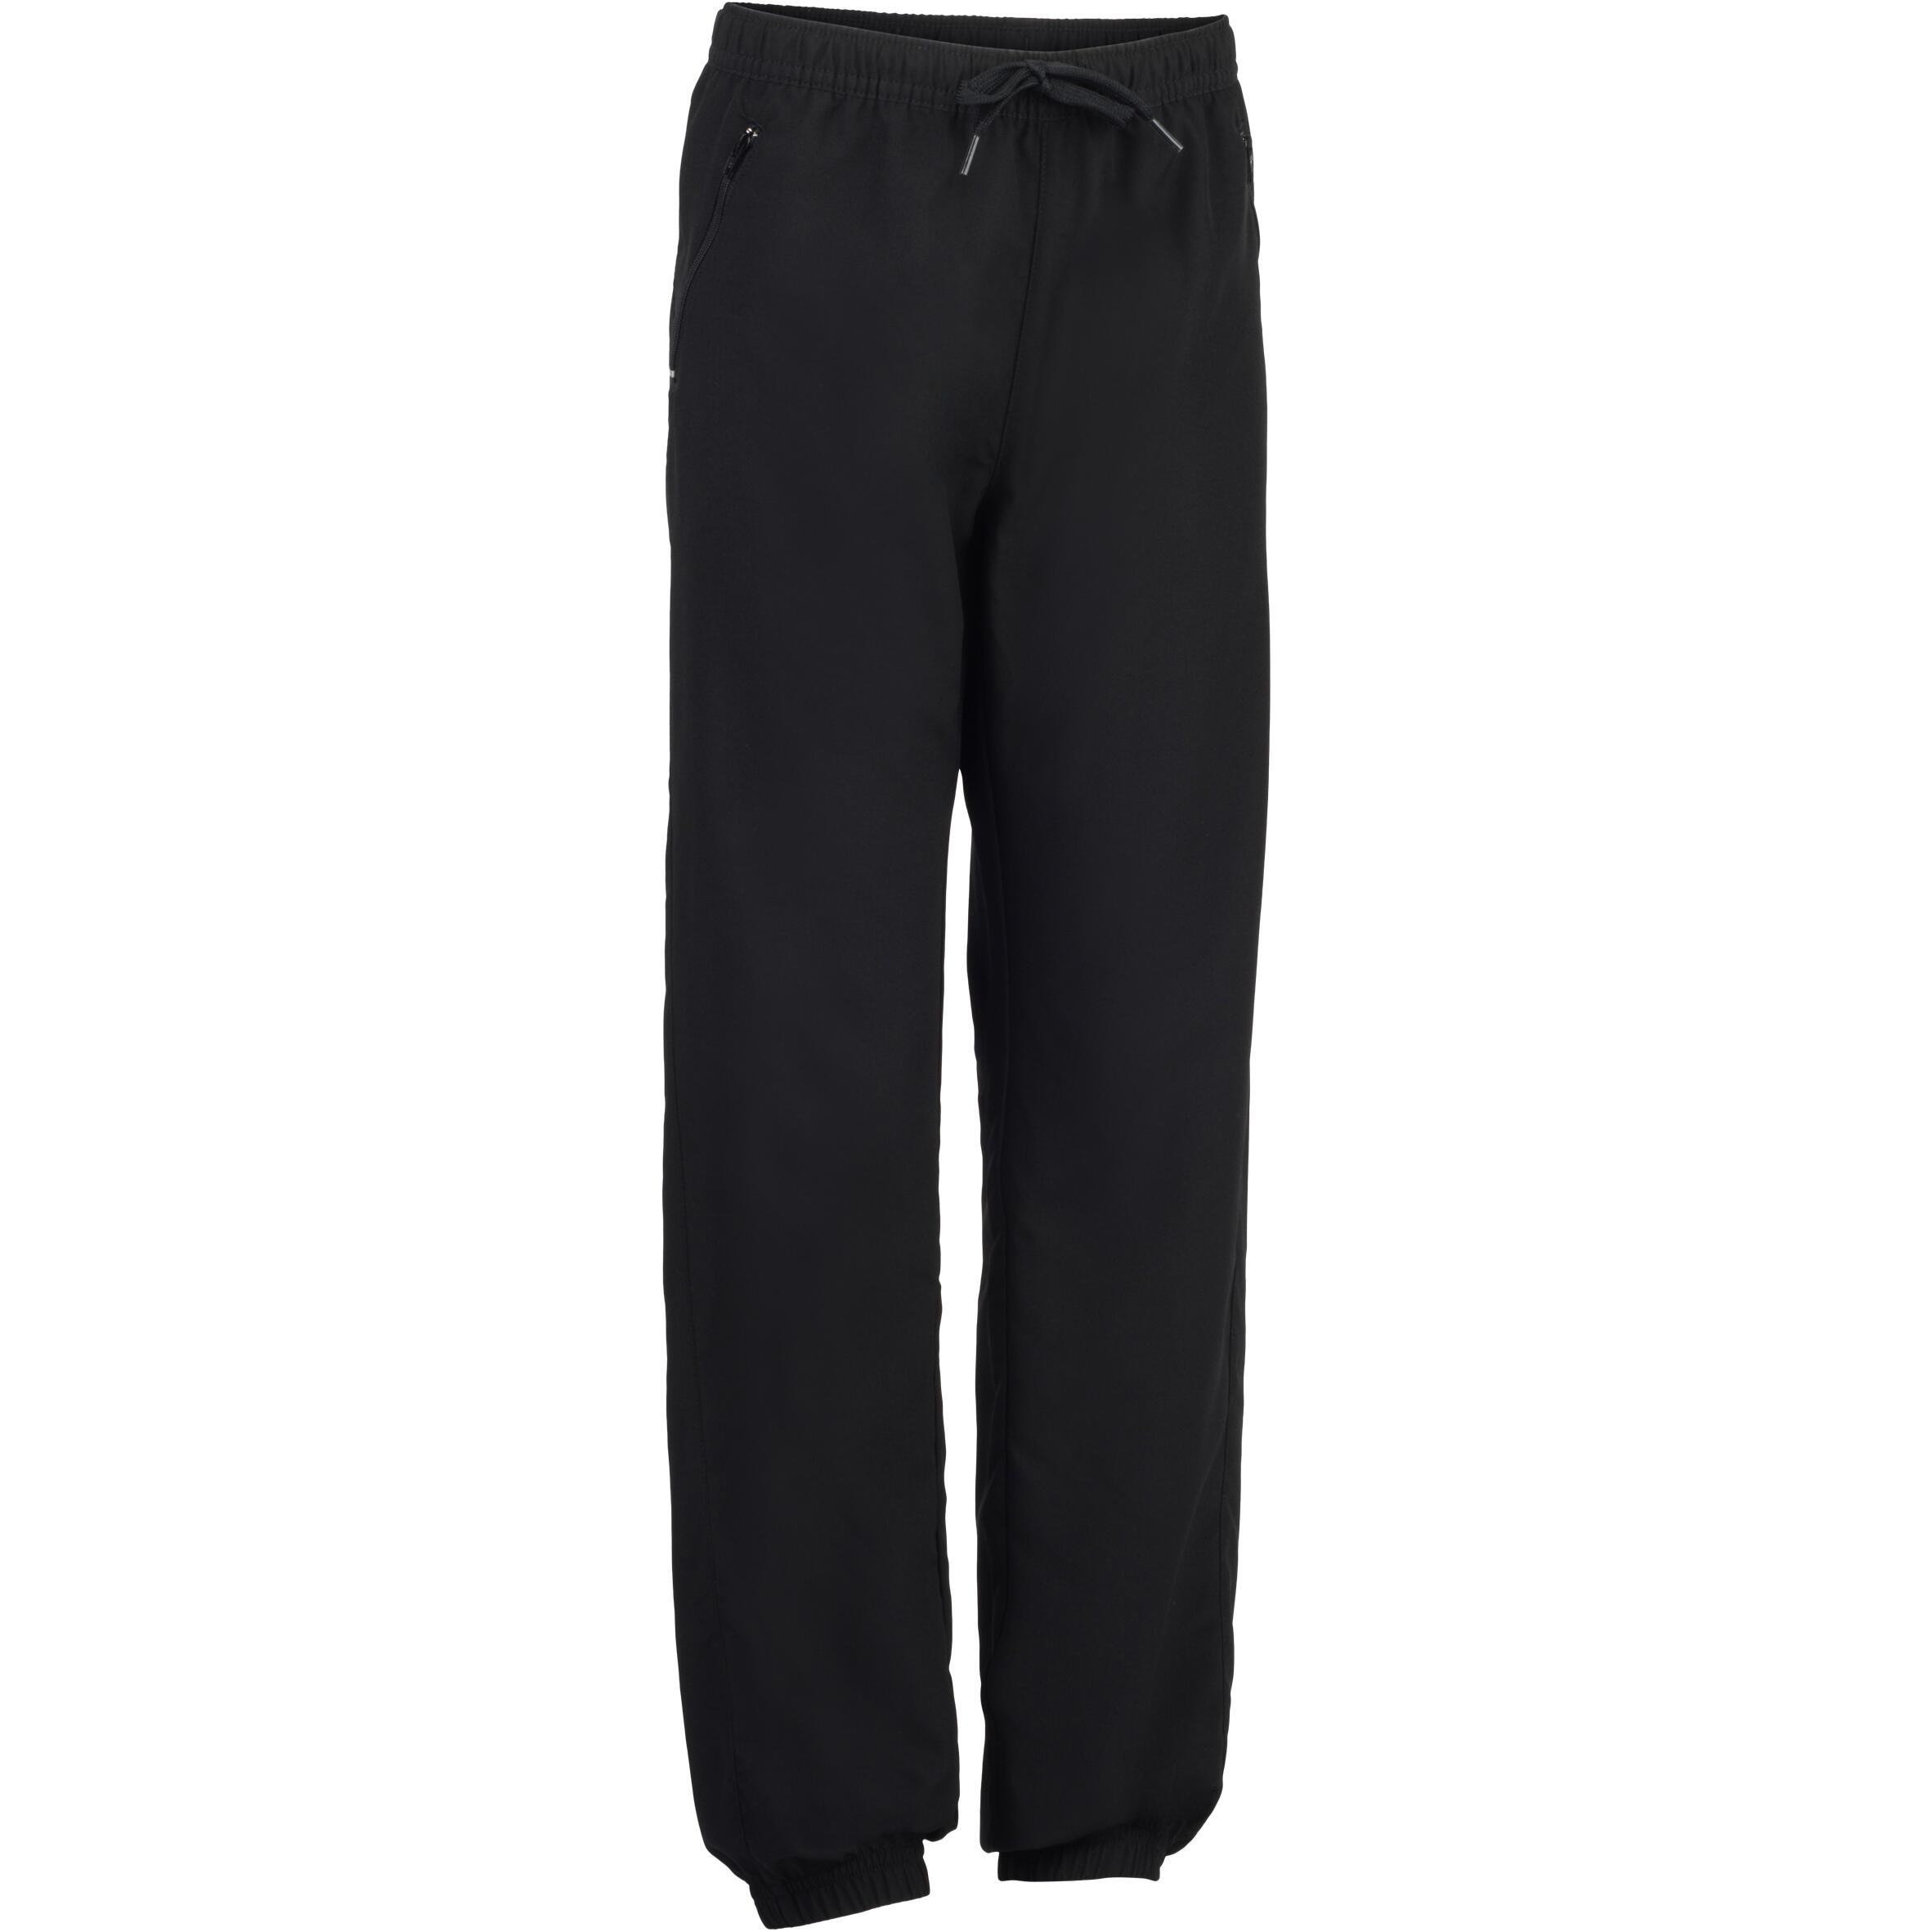 Pantalon 560 léger gym garçon poches noir